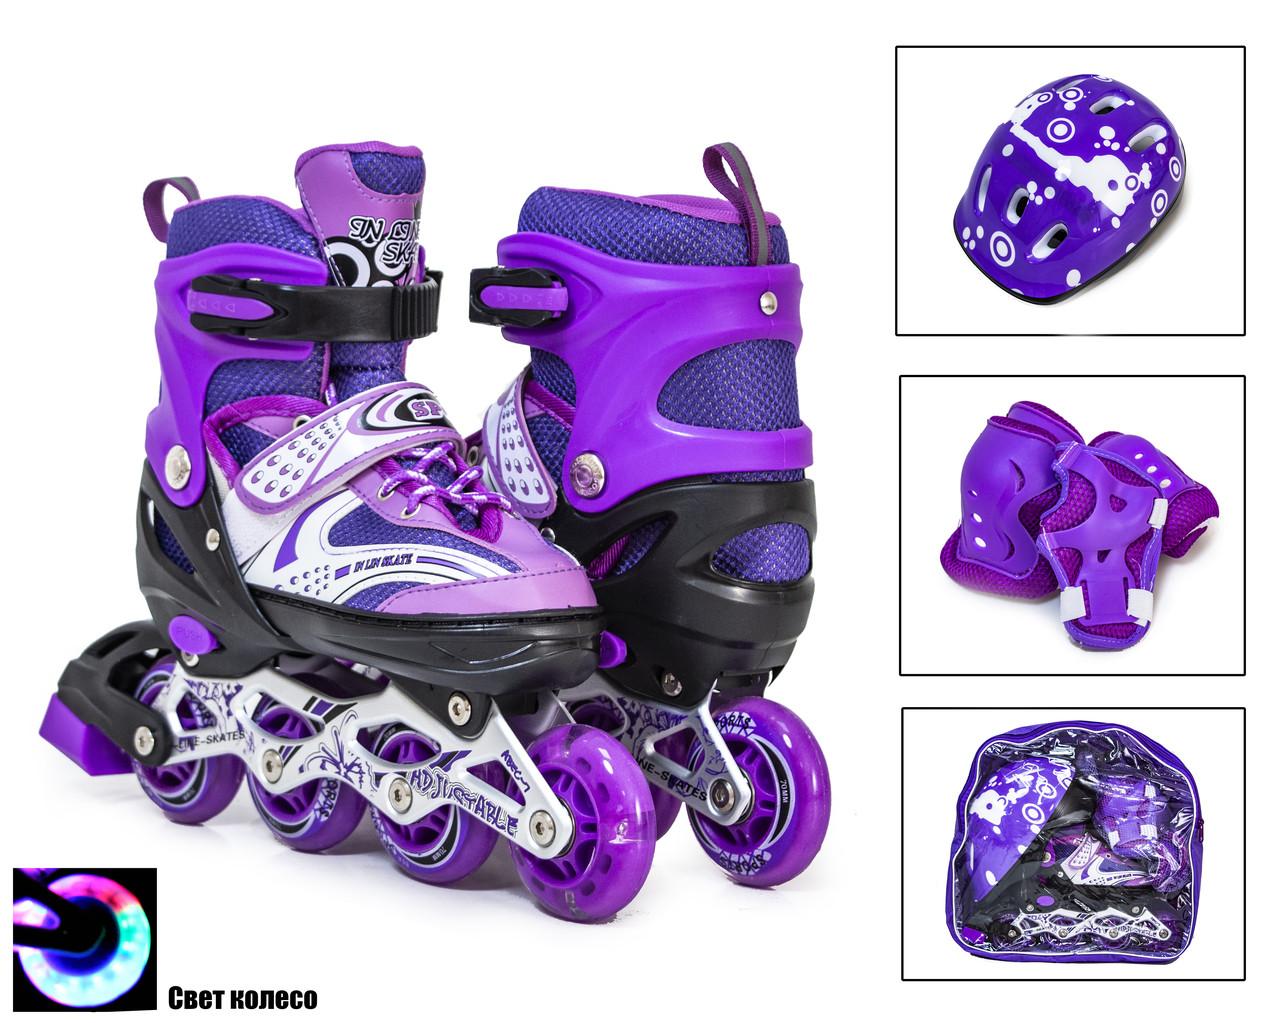 Комплект Happy  Violet роликовые коньки + защита + сумка Размер 29-33 - Роликовые коньки и лыжероллеры